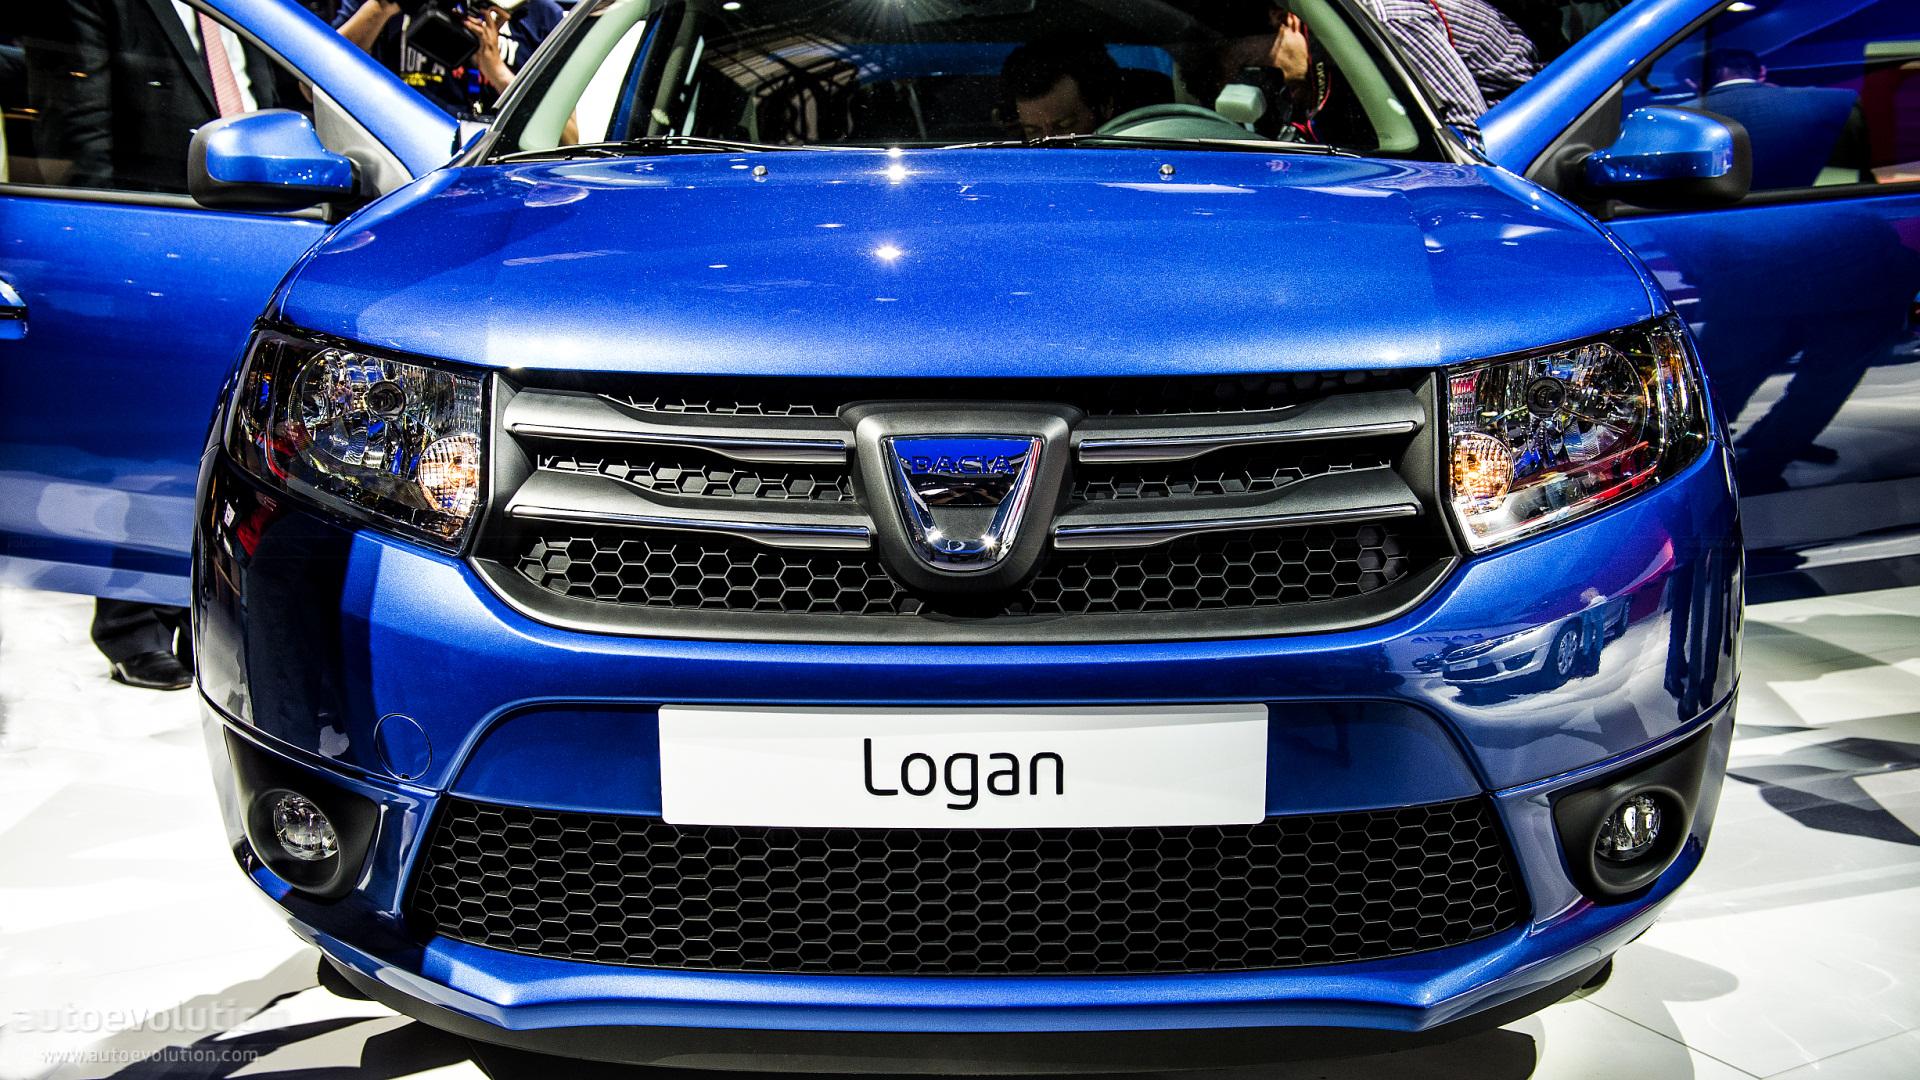 Dacia: Paris 2012: New Dacia Logan 2 [Live Photos]